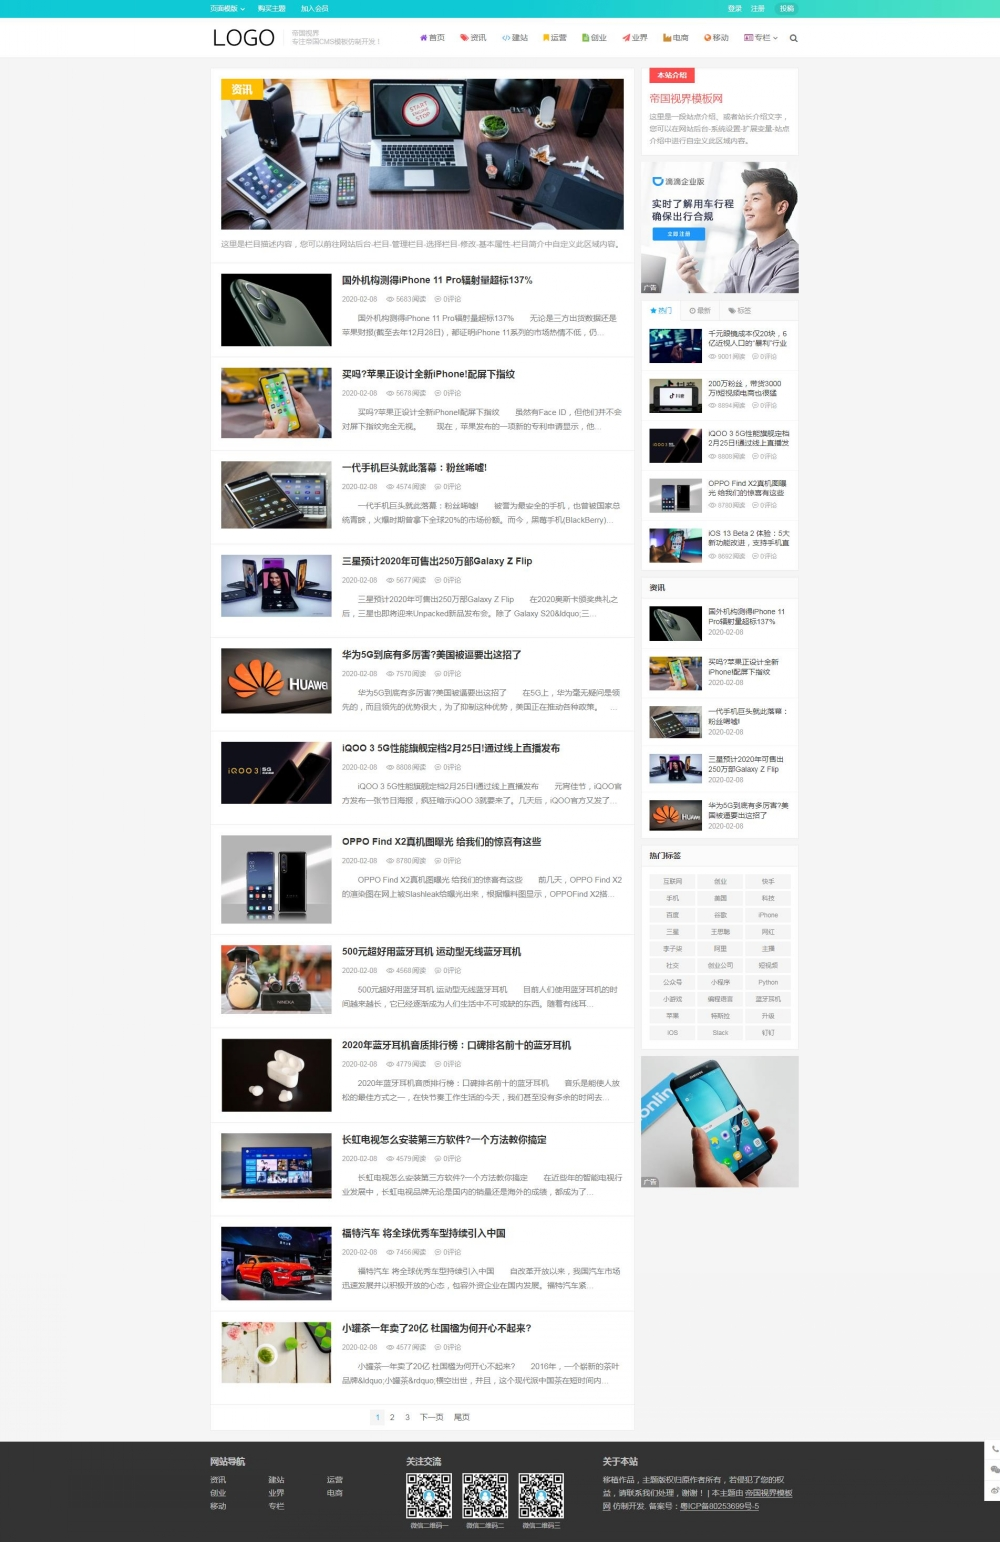 网站栏目(大图).jpg [DG-060]帝国CMS经典高端大气新闻资讯文章博客模板(带会员中心) 新闻资讯 第2张